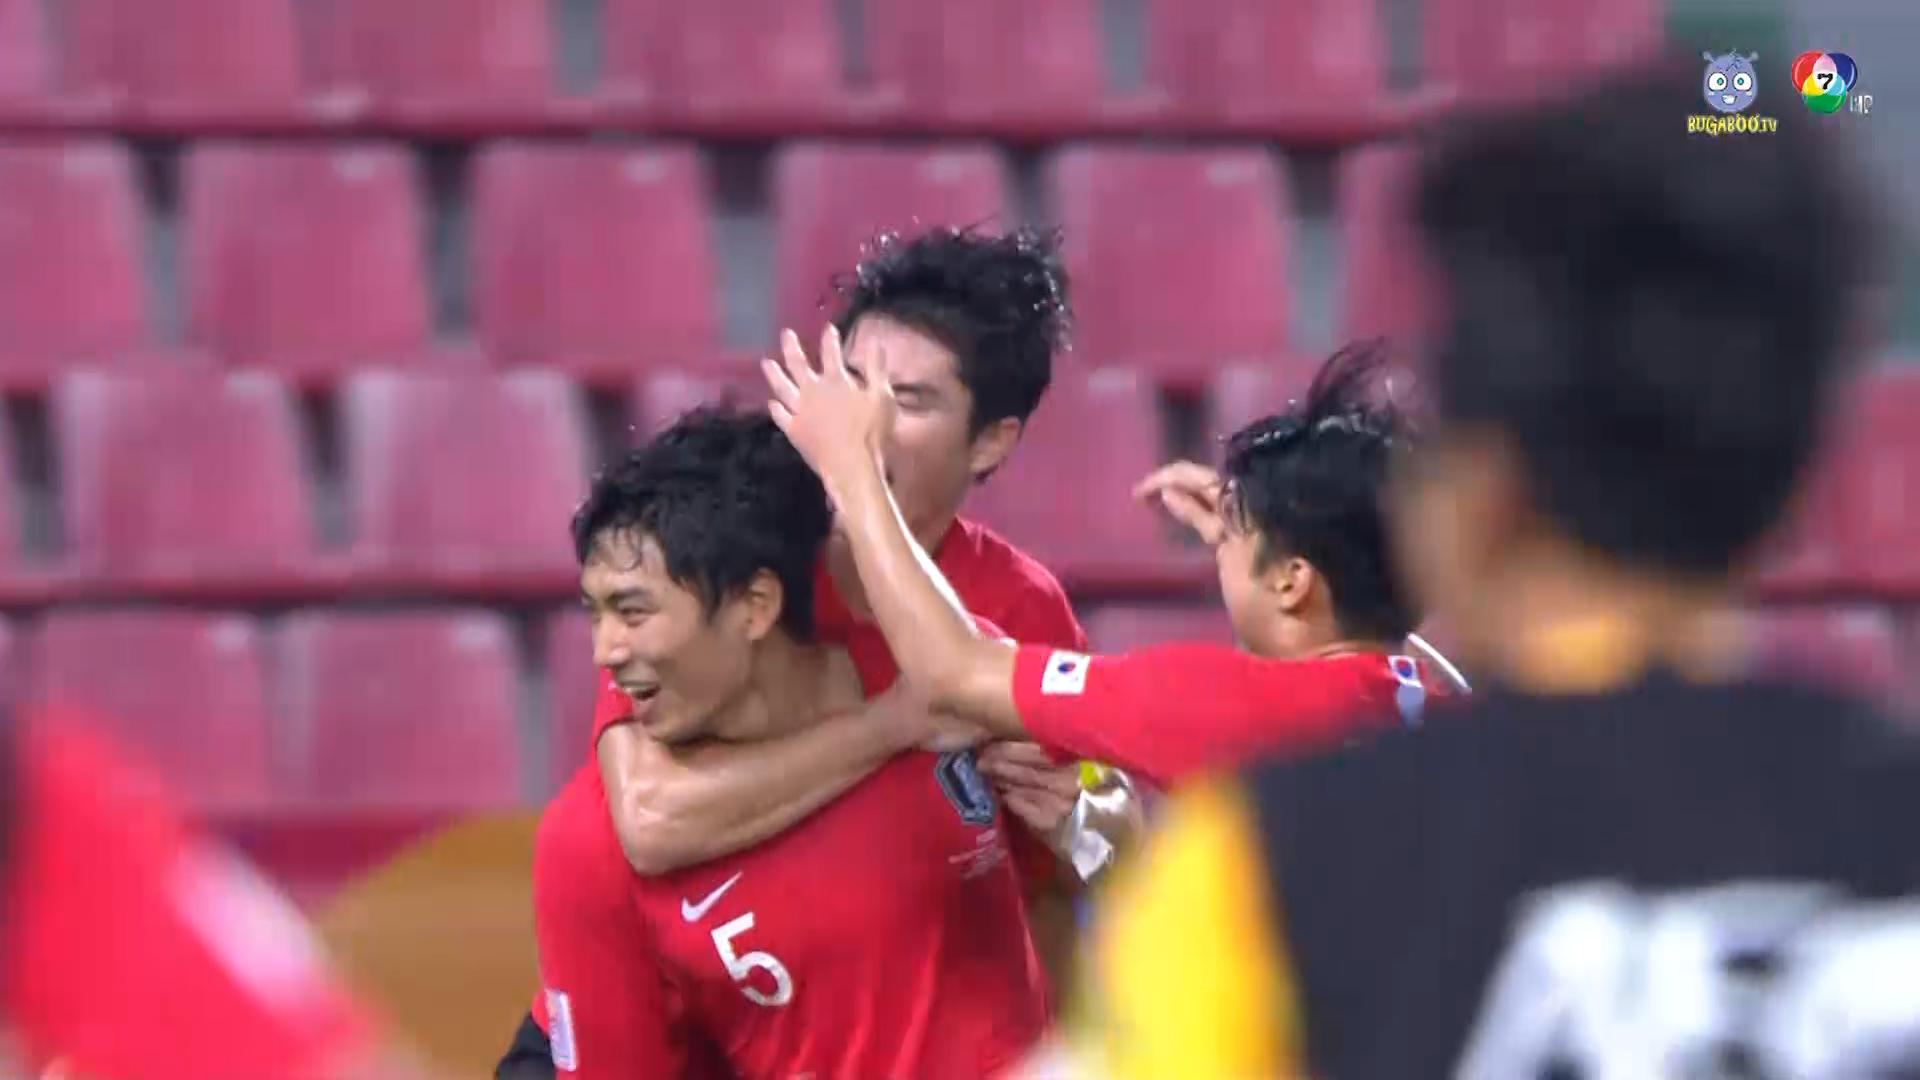 ไฮไลต์ เกาหลีใต้ 1-0 ซาอุดีอาระเบีย ฟุตบอล U23 ชิงแชมป์เอเชีย 2020 (ต่อเวลาพิเศษ)